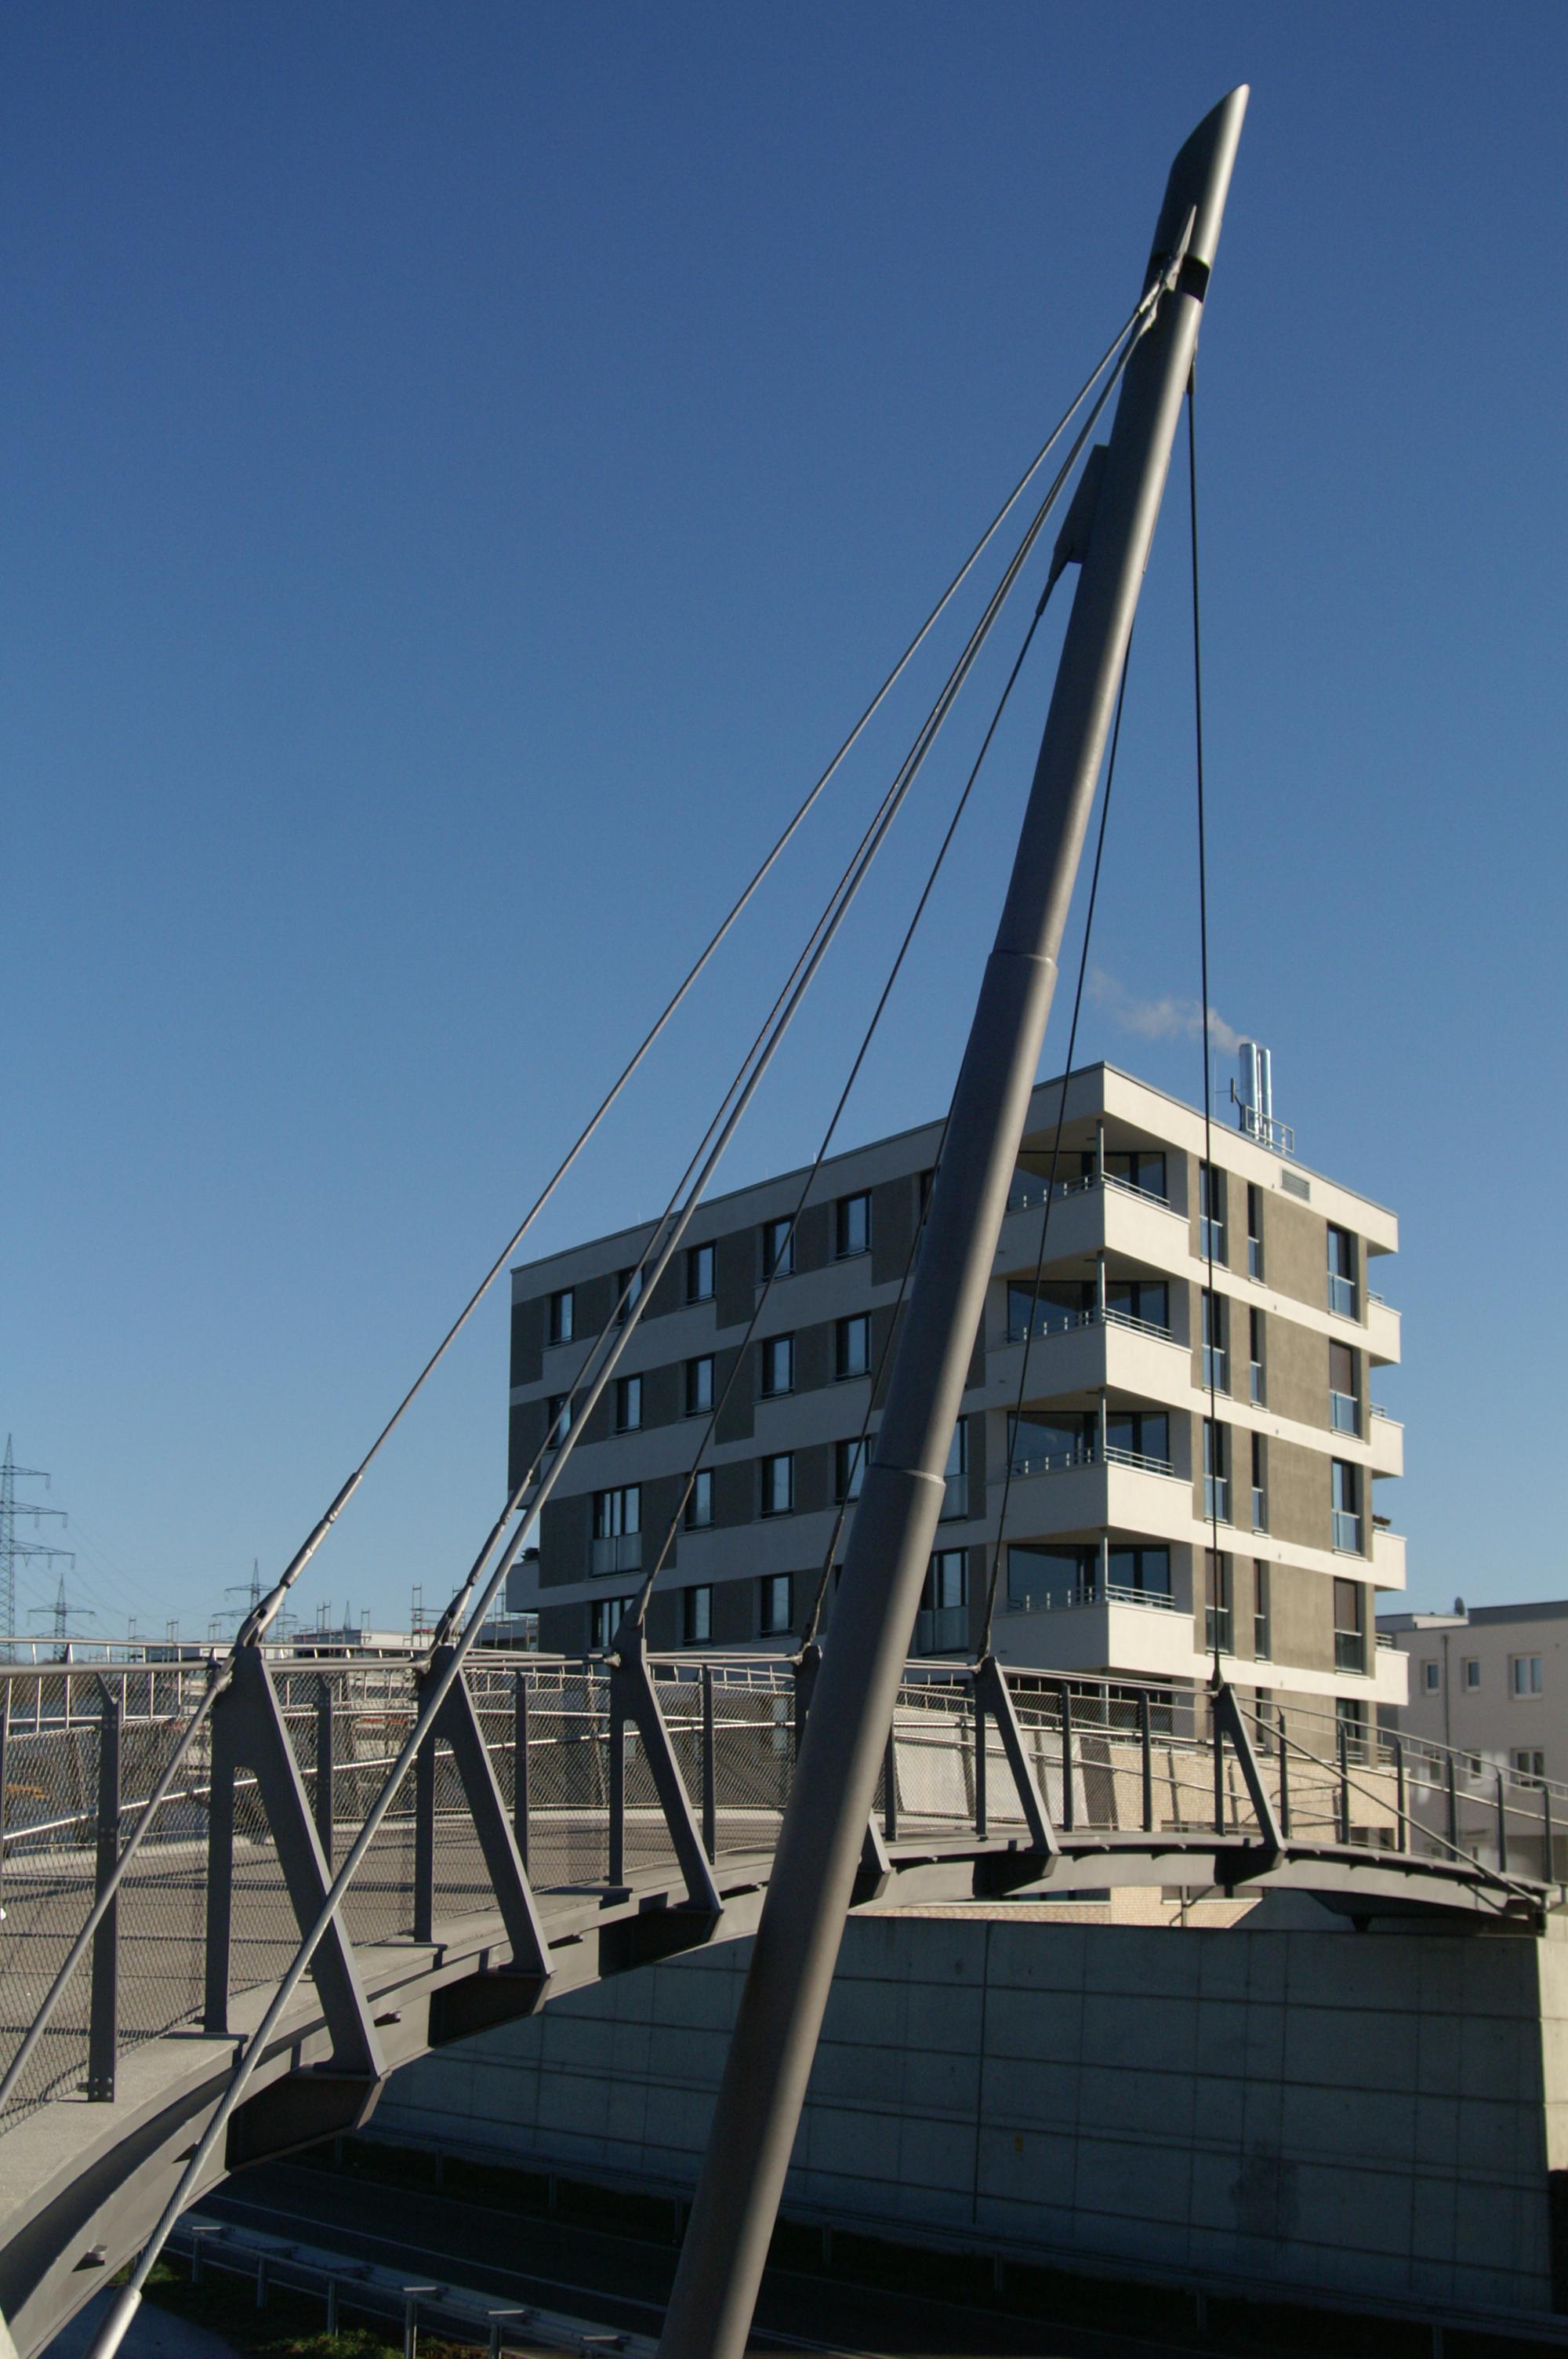 Fußgängerbrücke Luwigsburg-Neckarweihingen Neckarterrasse